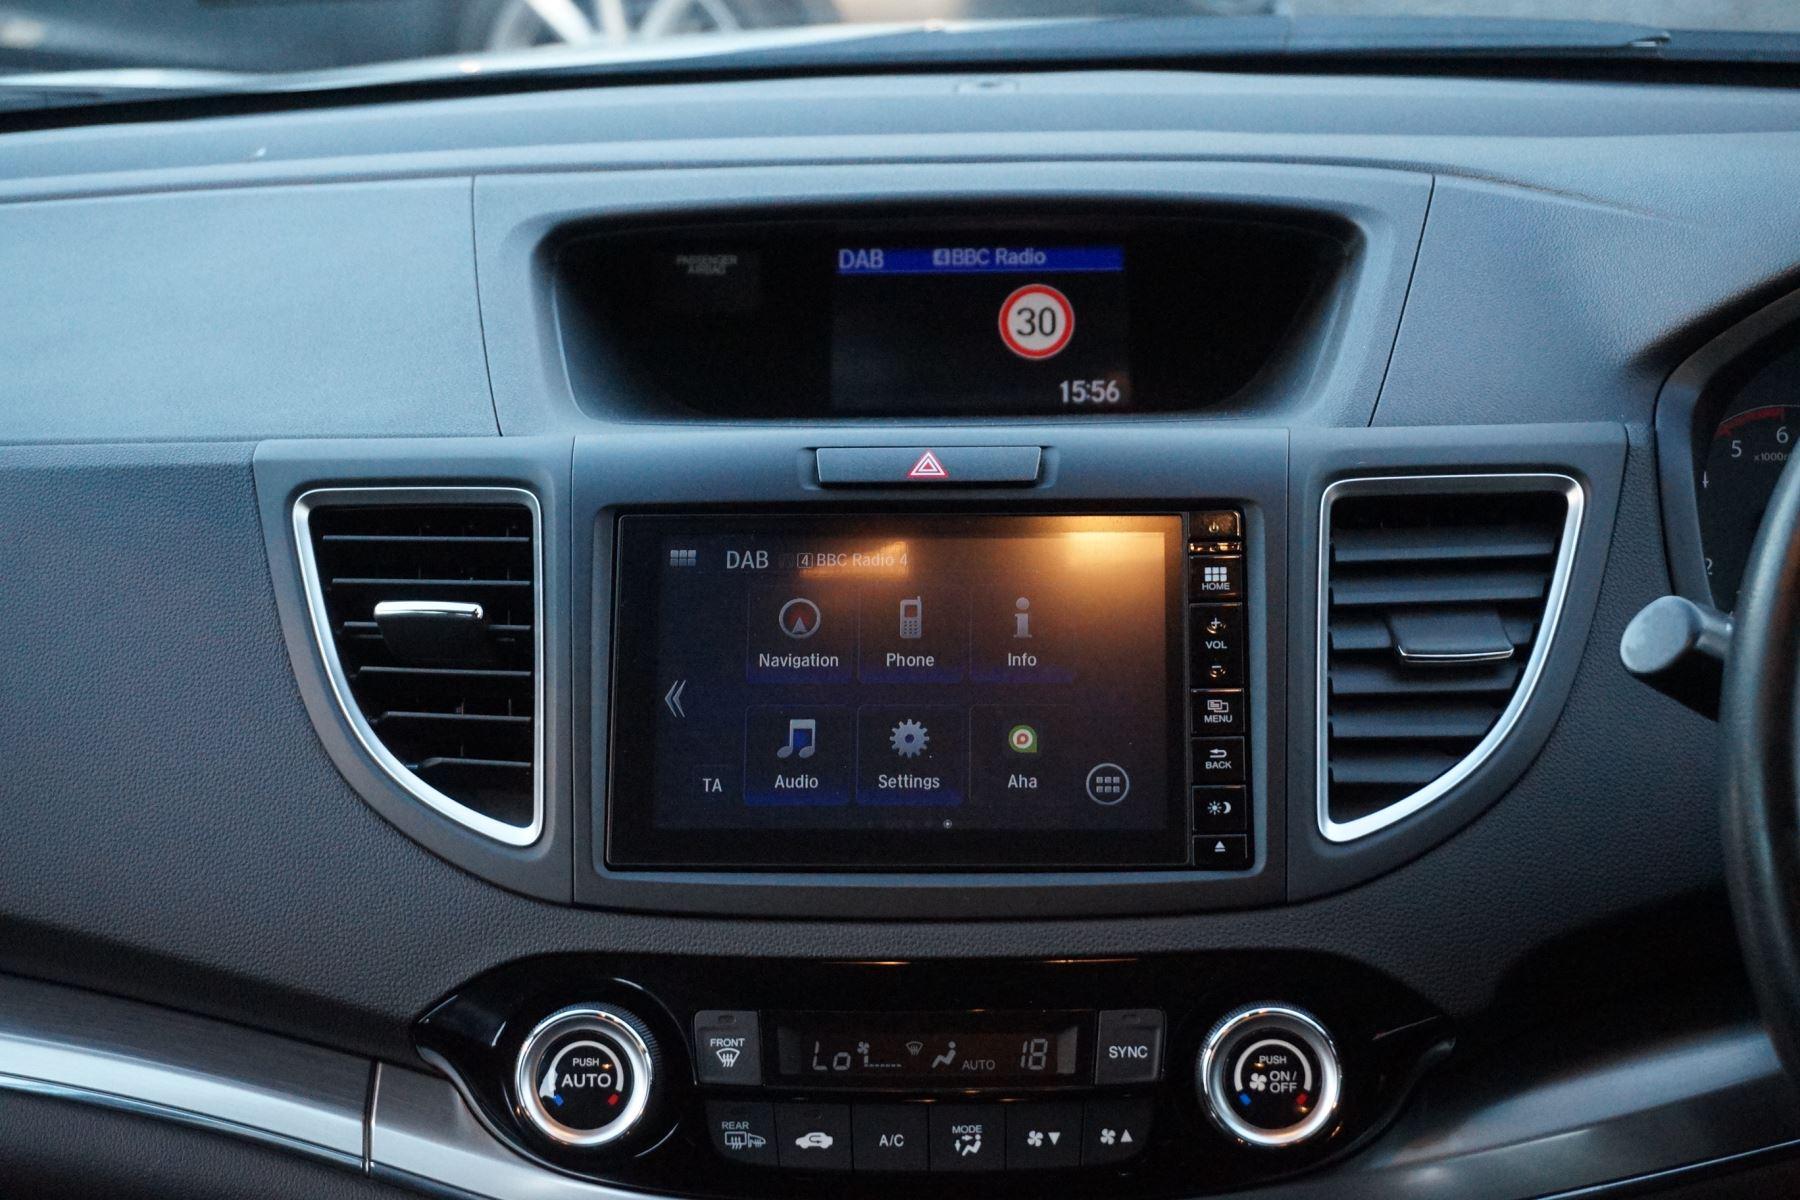 Honda Cr V 16 I Dtec 160 Se 5dr Nav Dasp Diesel Estate 2015 At Home Audio Mazda Mx5 Mk3 Radio Electronic Circuit Board